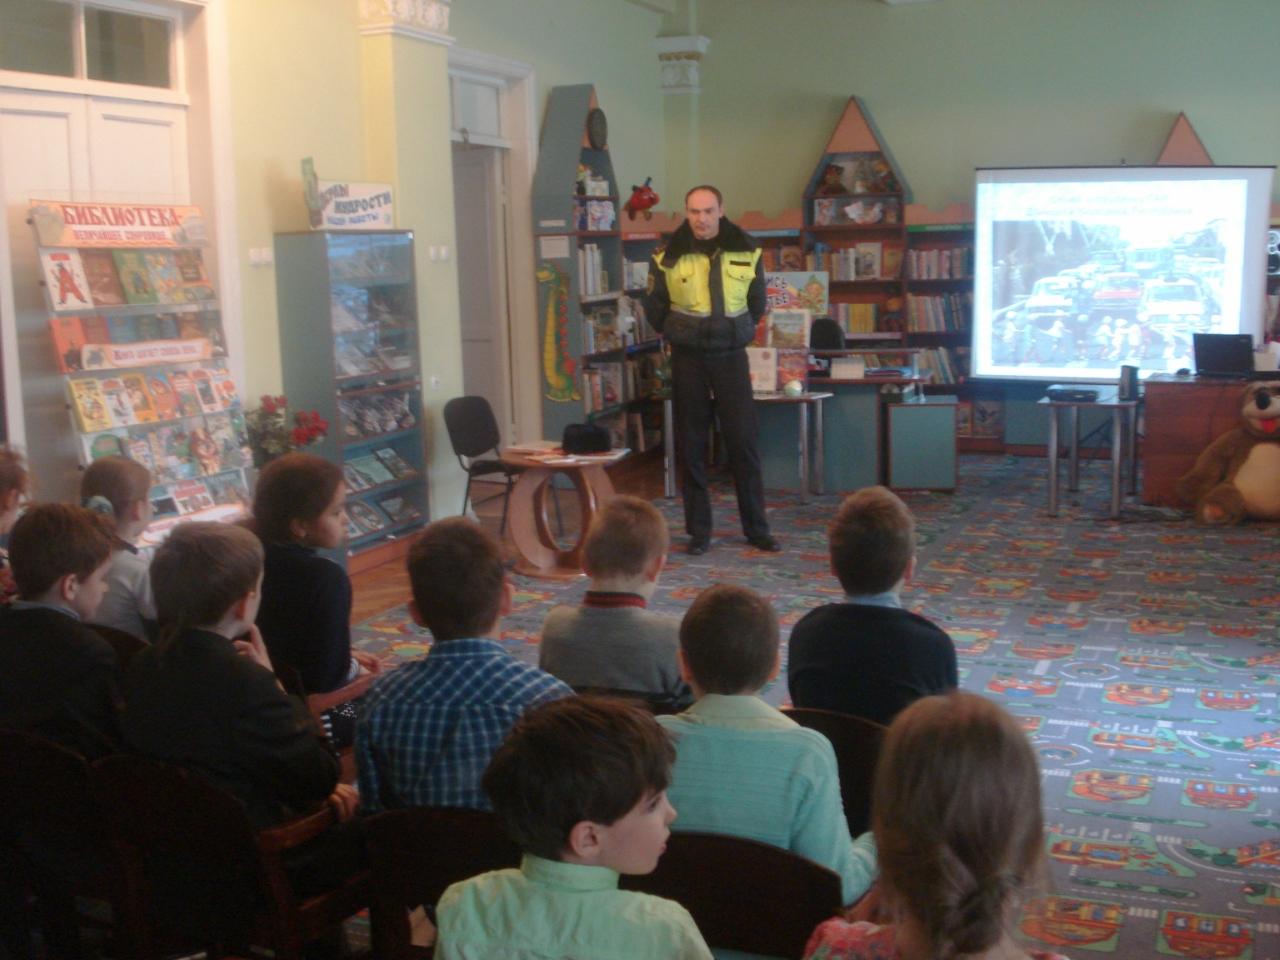 знаем правила дорожного движенья,встреча с сотрудником гаи,донецкая республиканская библиотека для детей,отдел обслуживания дошкольников и учащихся 1-4 классов,мероприятия в библиотеке